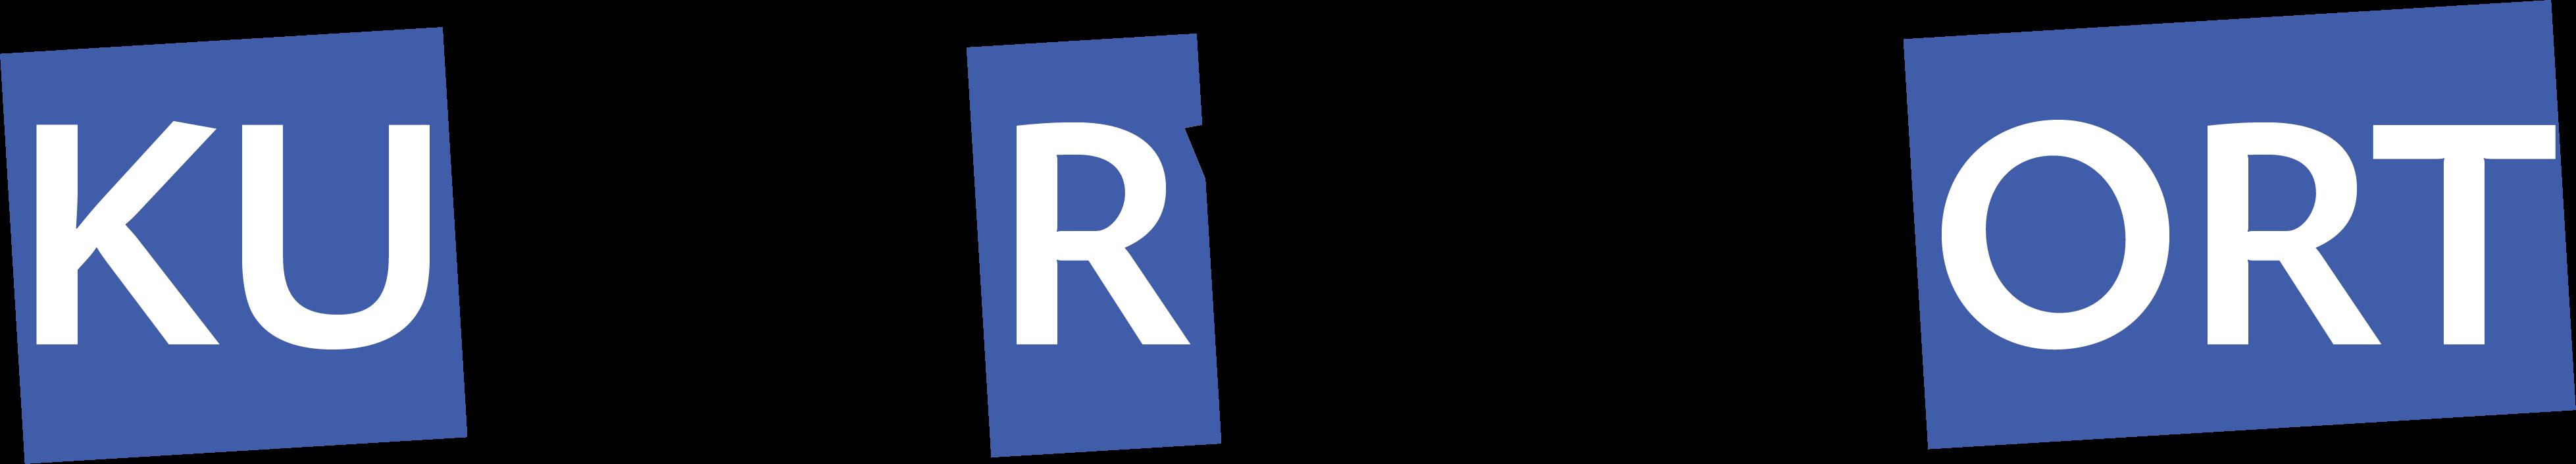 kvo_logo